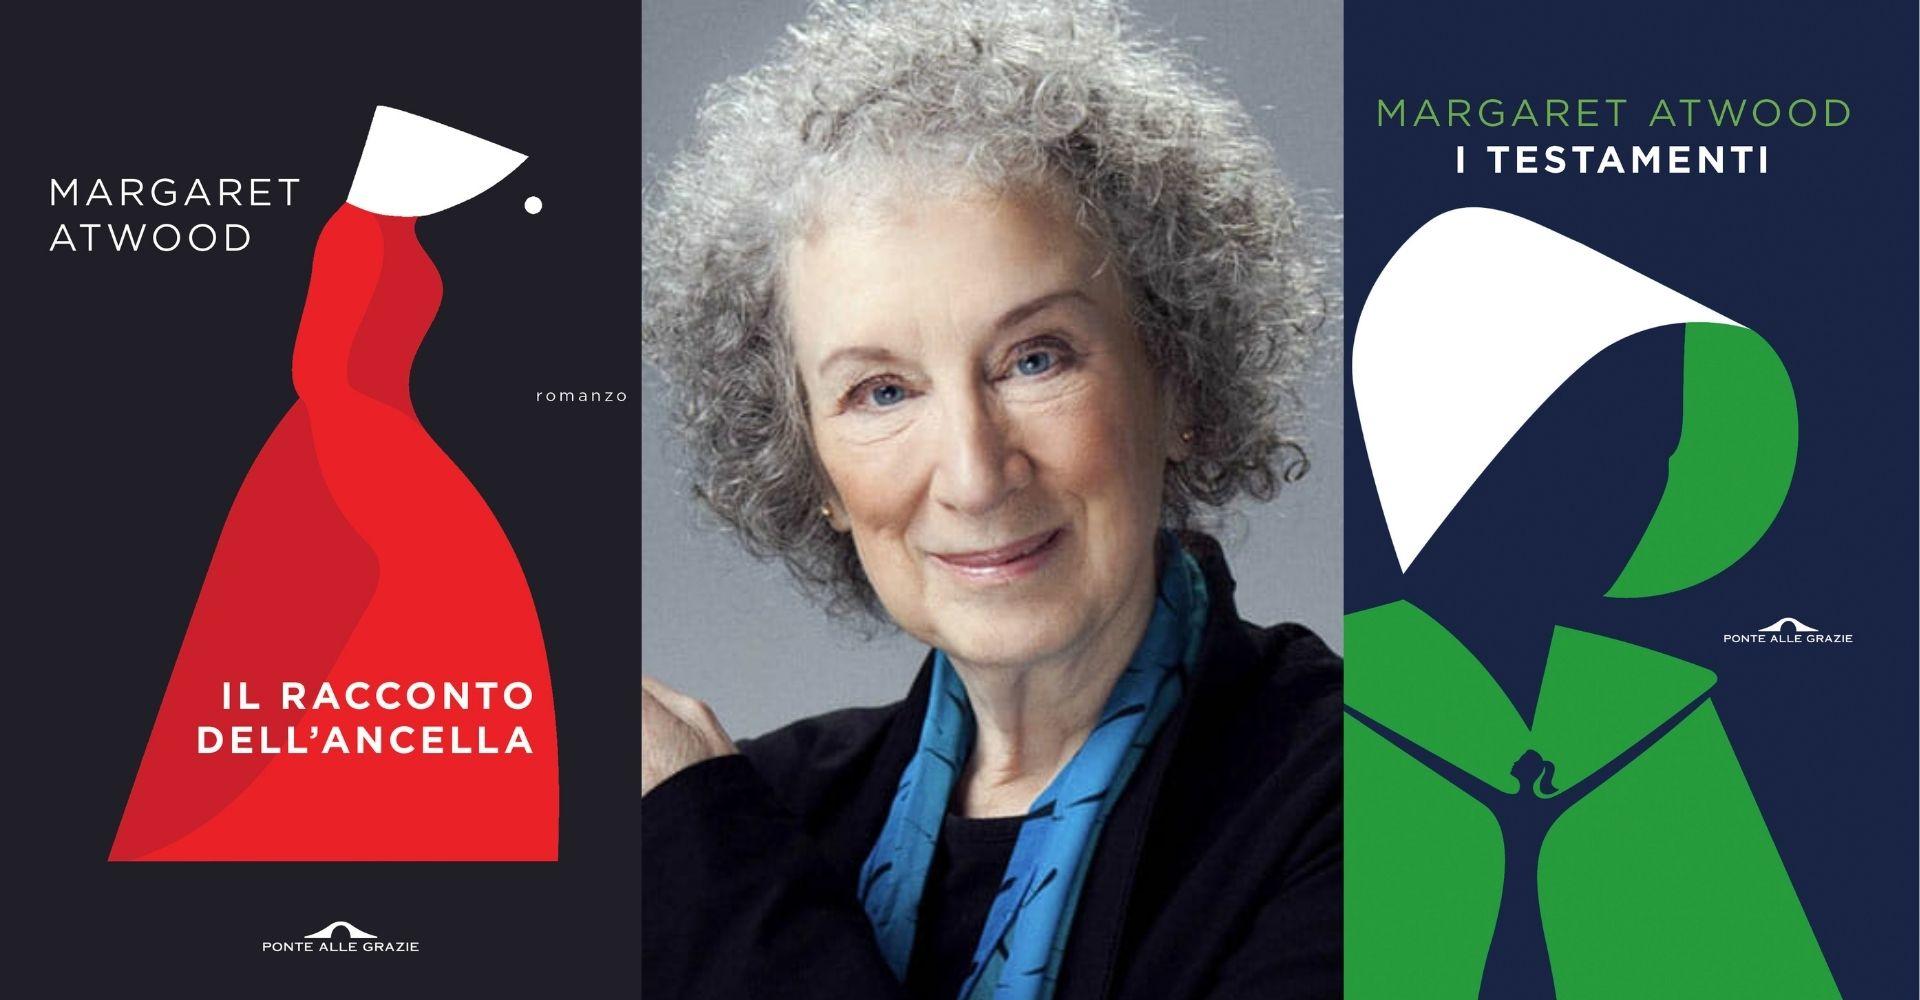 """La vita e i libri di Margaret Atwood, autrice visionaria del """"Racconto dell'Ancella"""""""